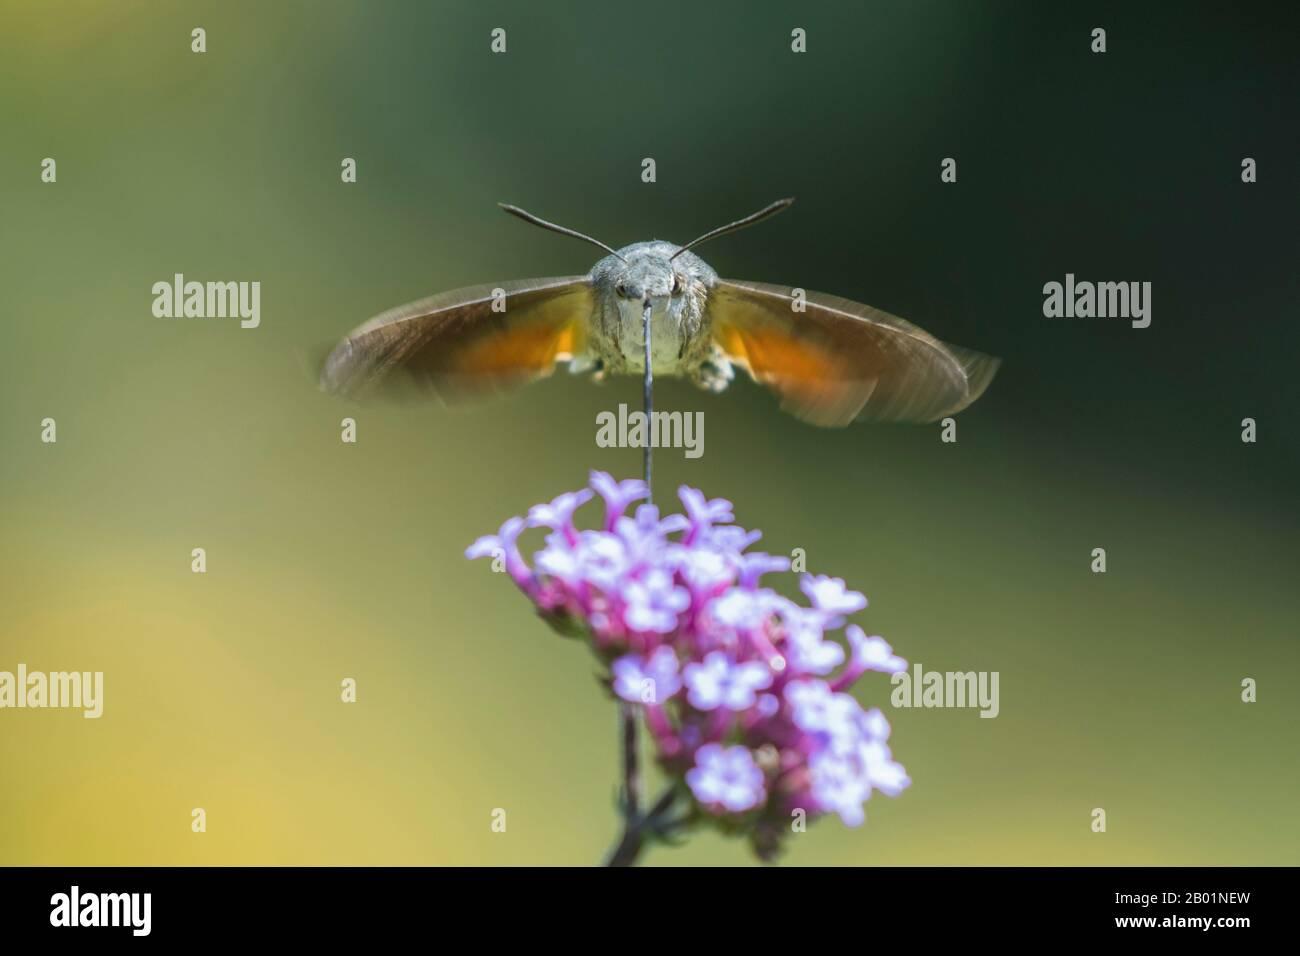 Papillon des colibris (Macroglossum stellatarum), planant sur une fleur et suçant le nectar, Allemagne, Bavière, Niederbayern, Basse-Bavière Banque D'Images